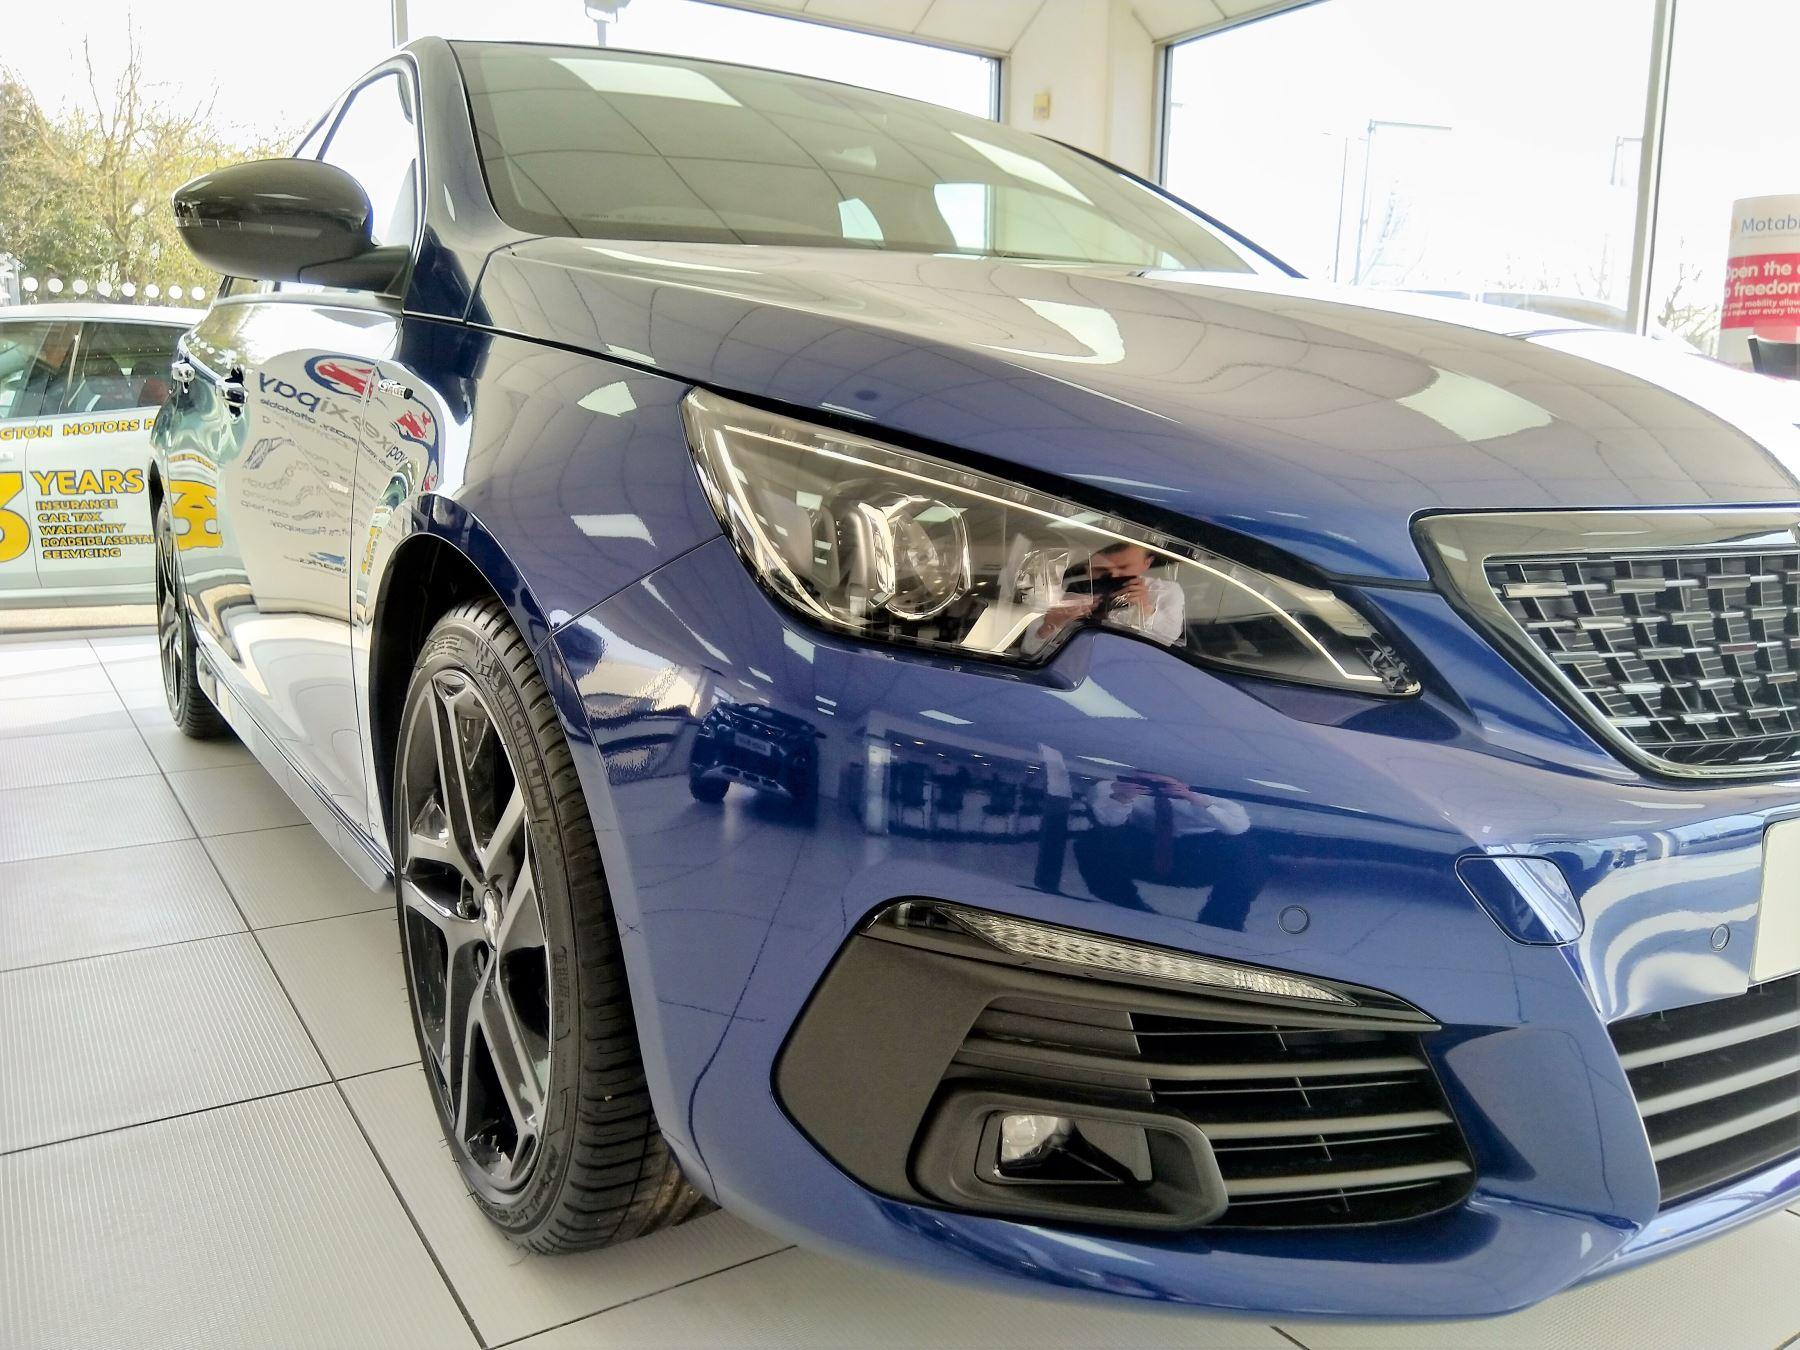 Peugeot 308 1.5 BlueHDi 130 GT Line image 7